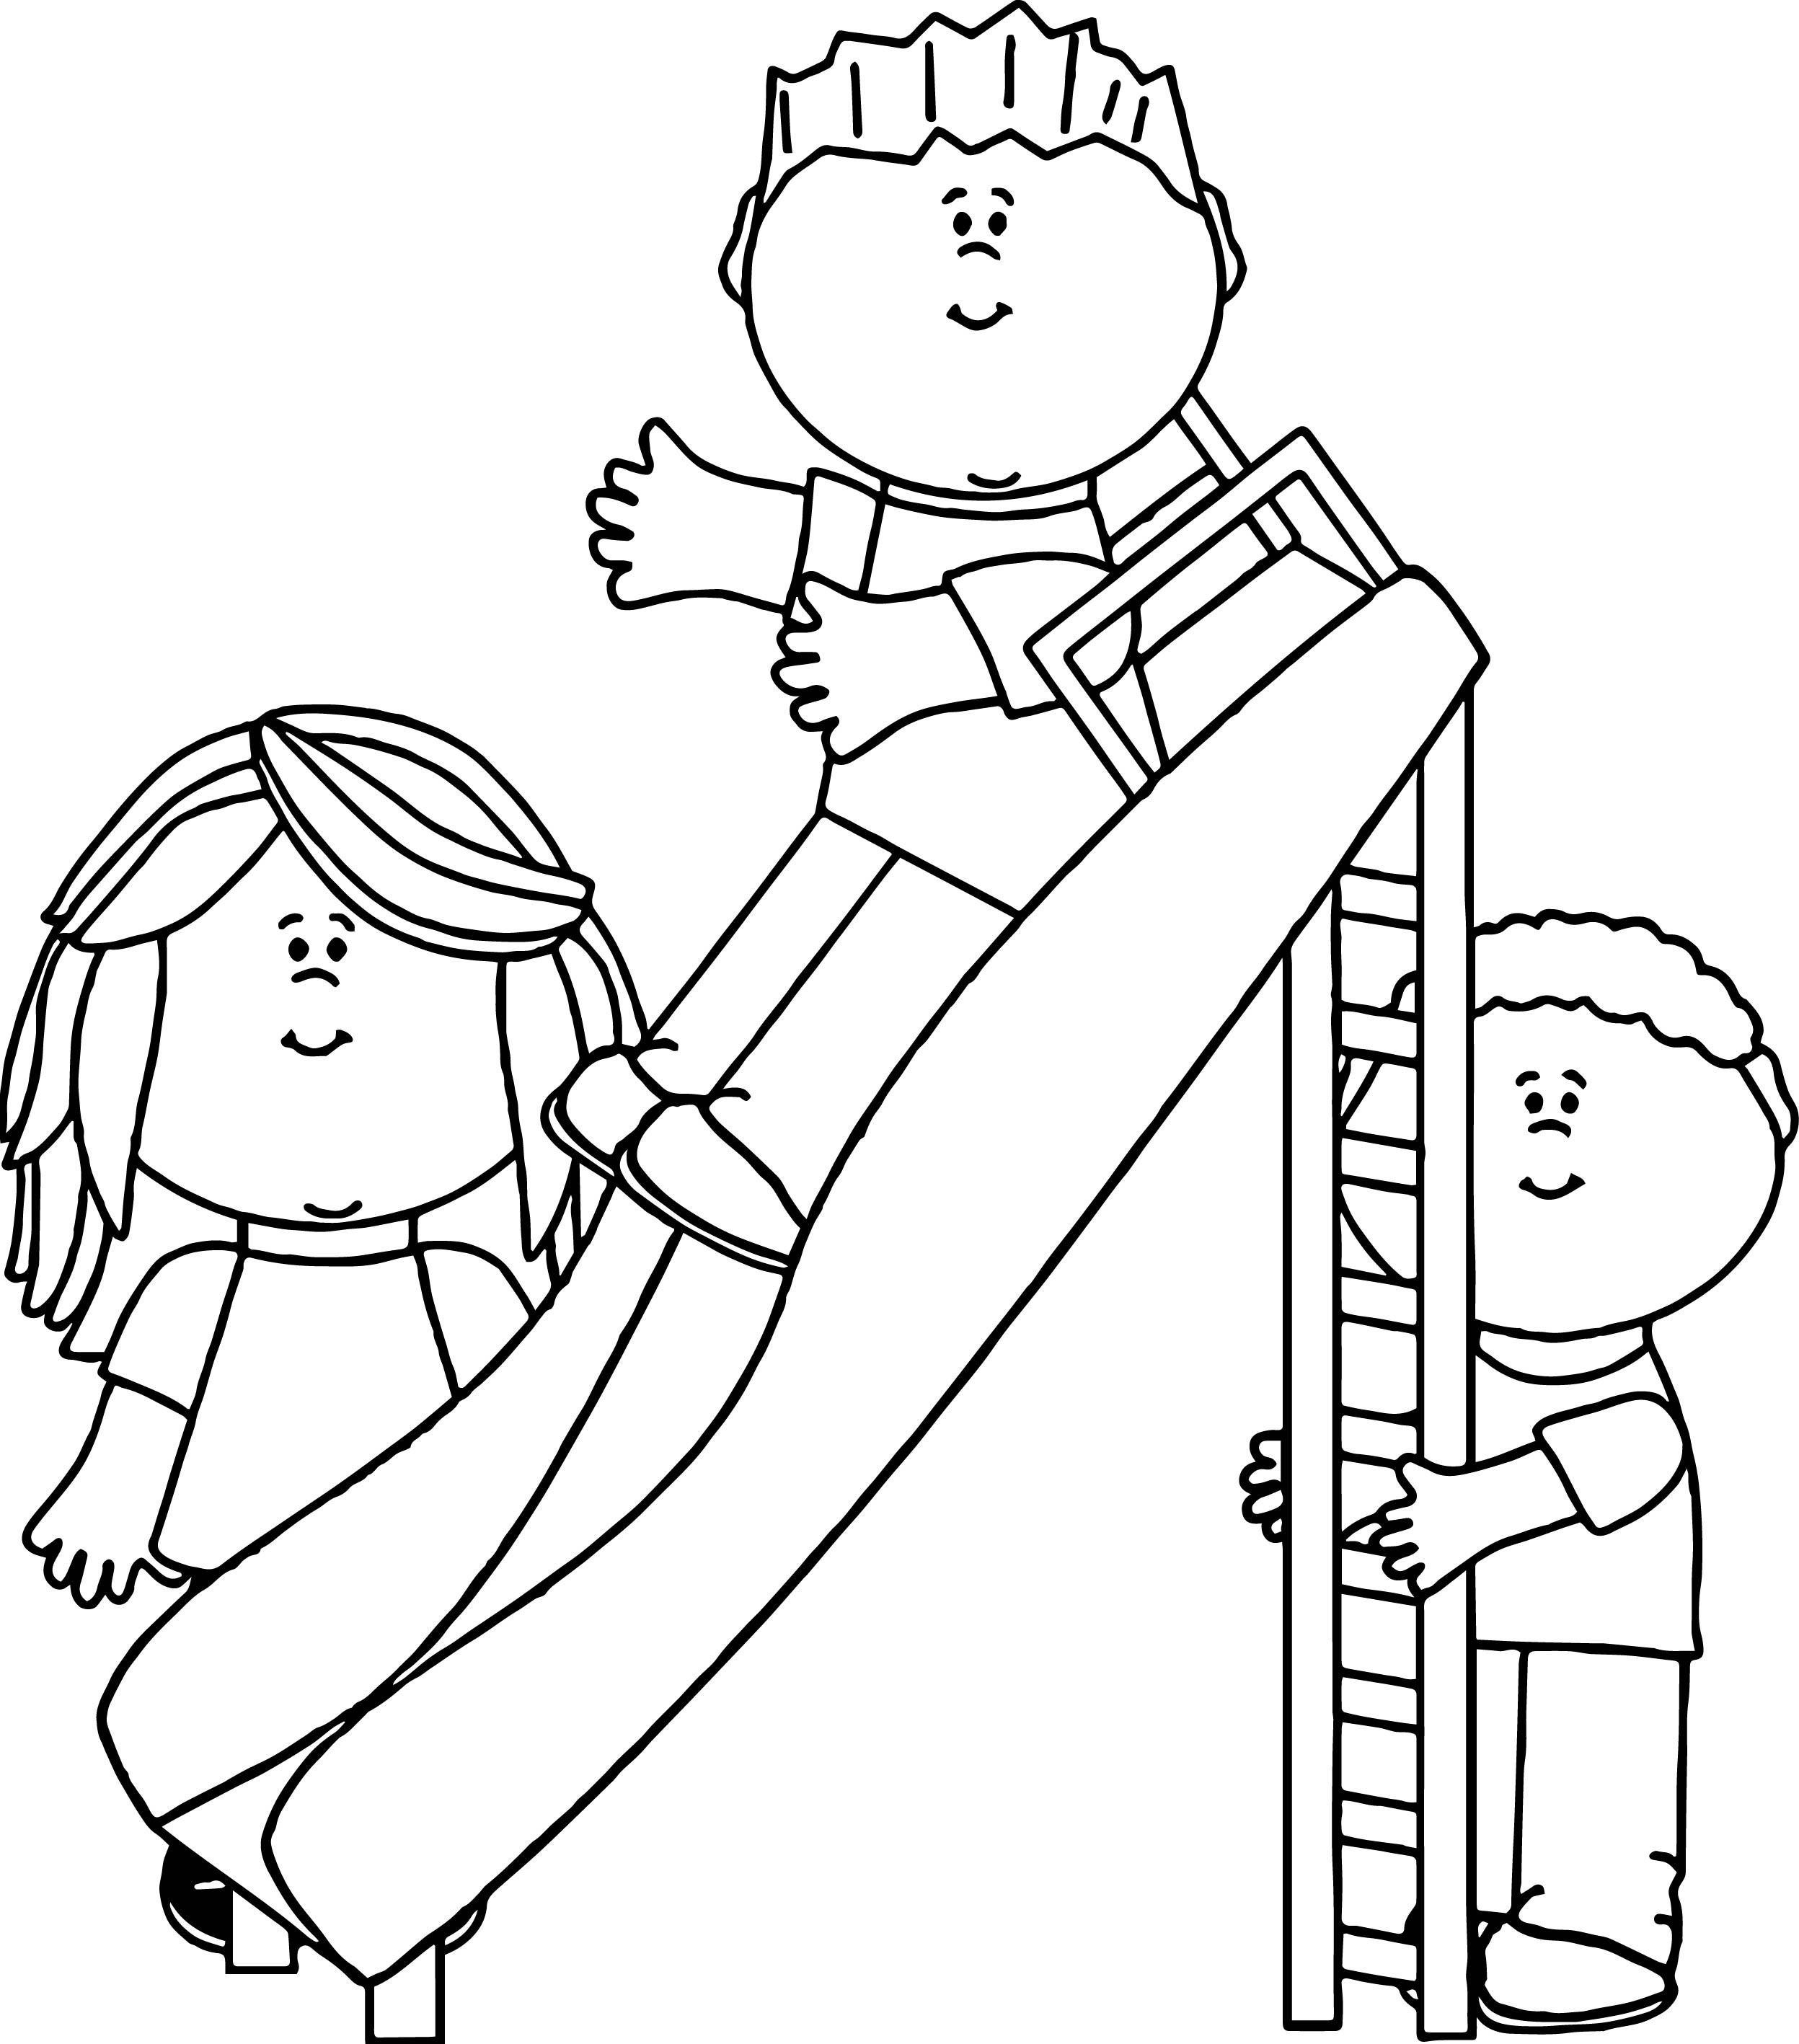 2495x2835 Coloring Page Amusement Park Picgifs Com